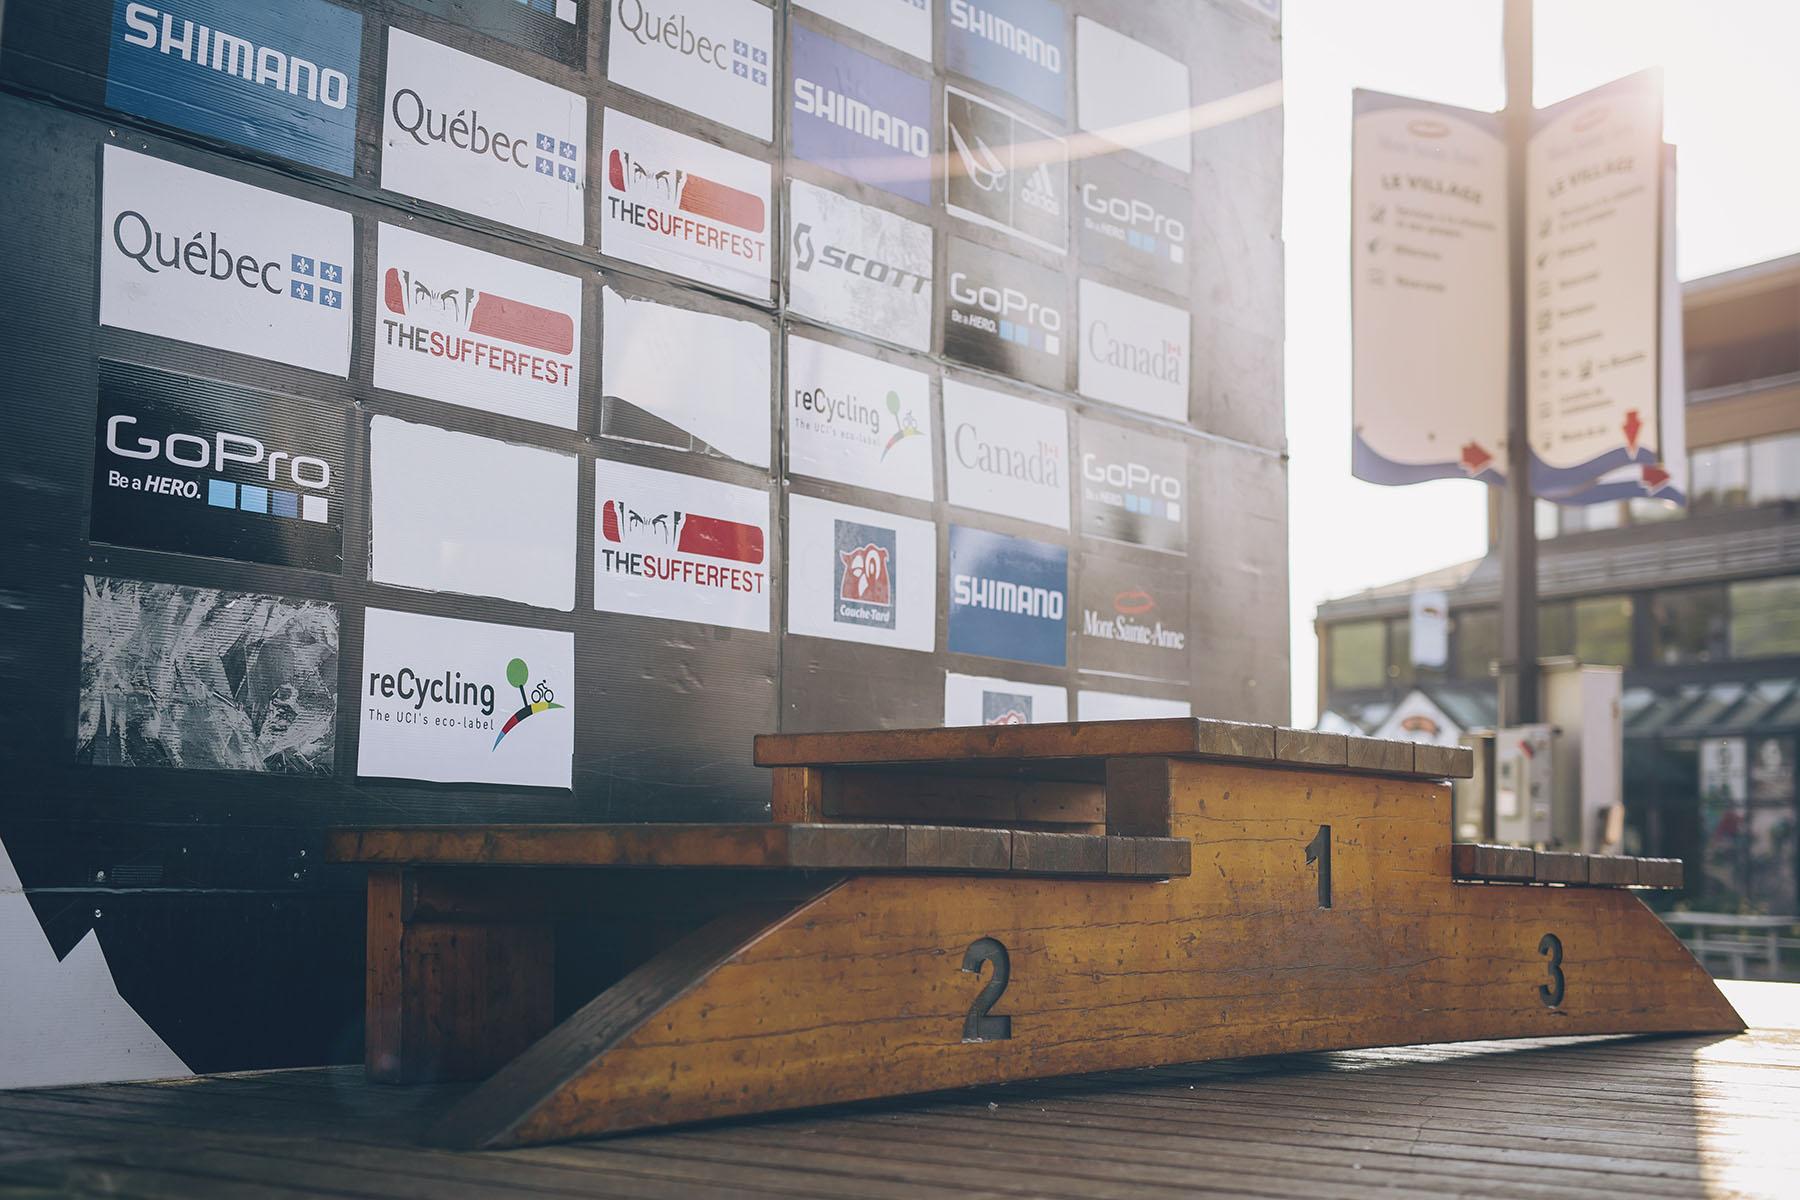 Am Morgen ließ sich die Sonne kurz auf dem Podium blicken, dem Treppchen aus Holz, auf dem alle nach dem Rennen stehen wollen.